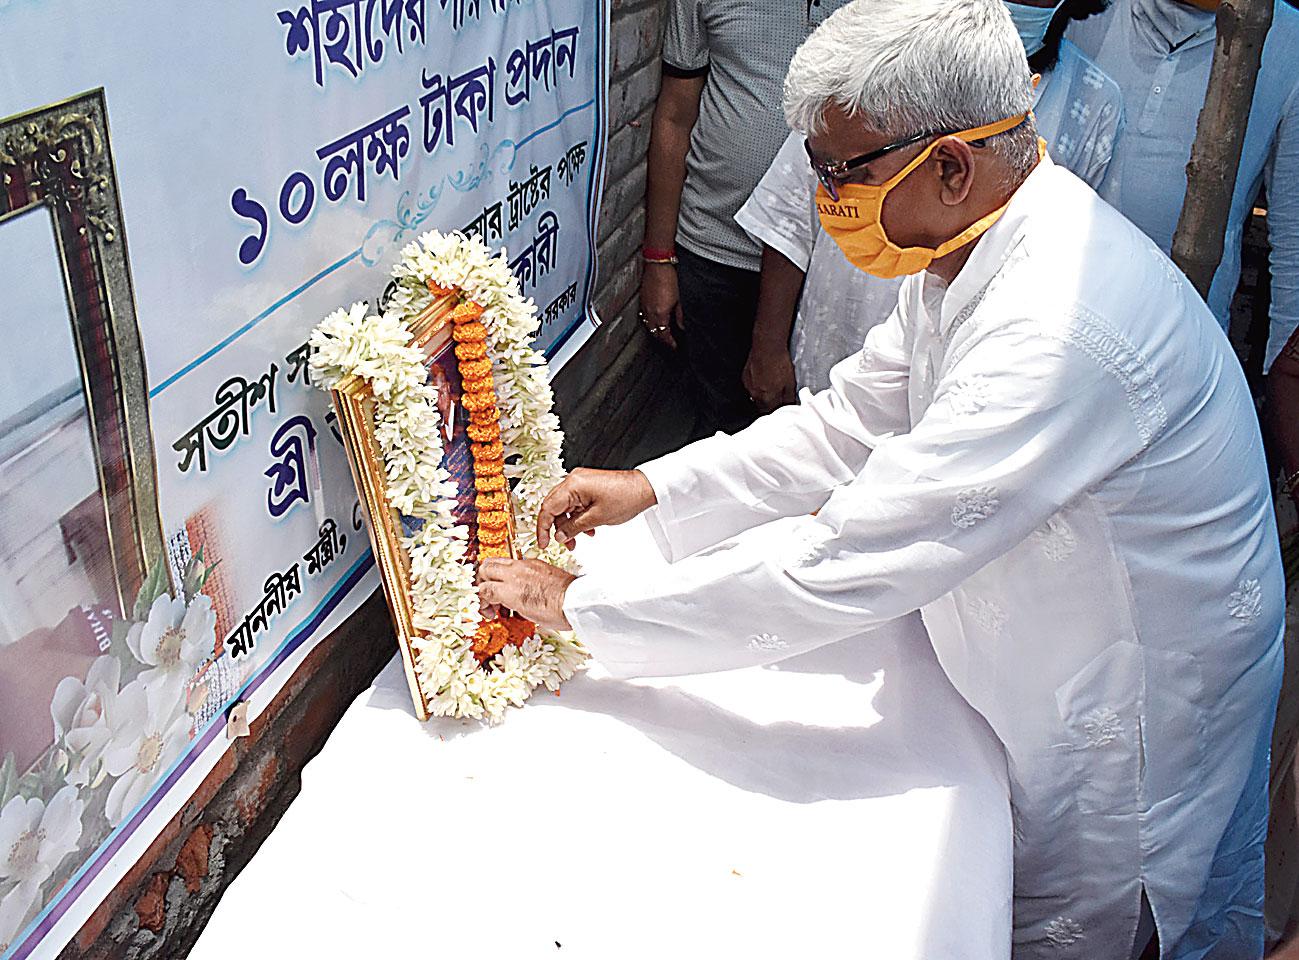 Chakrabarty pays homage to Rajesh Orang in Birbhum on Sunday.